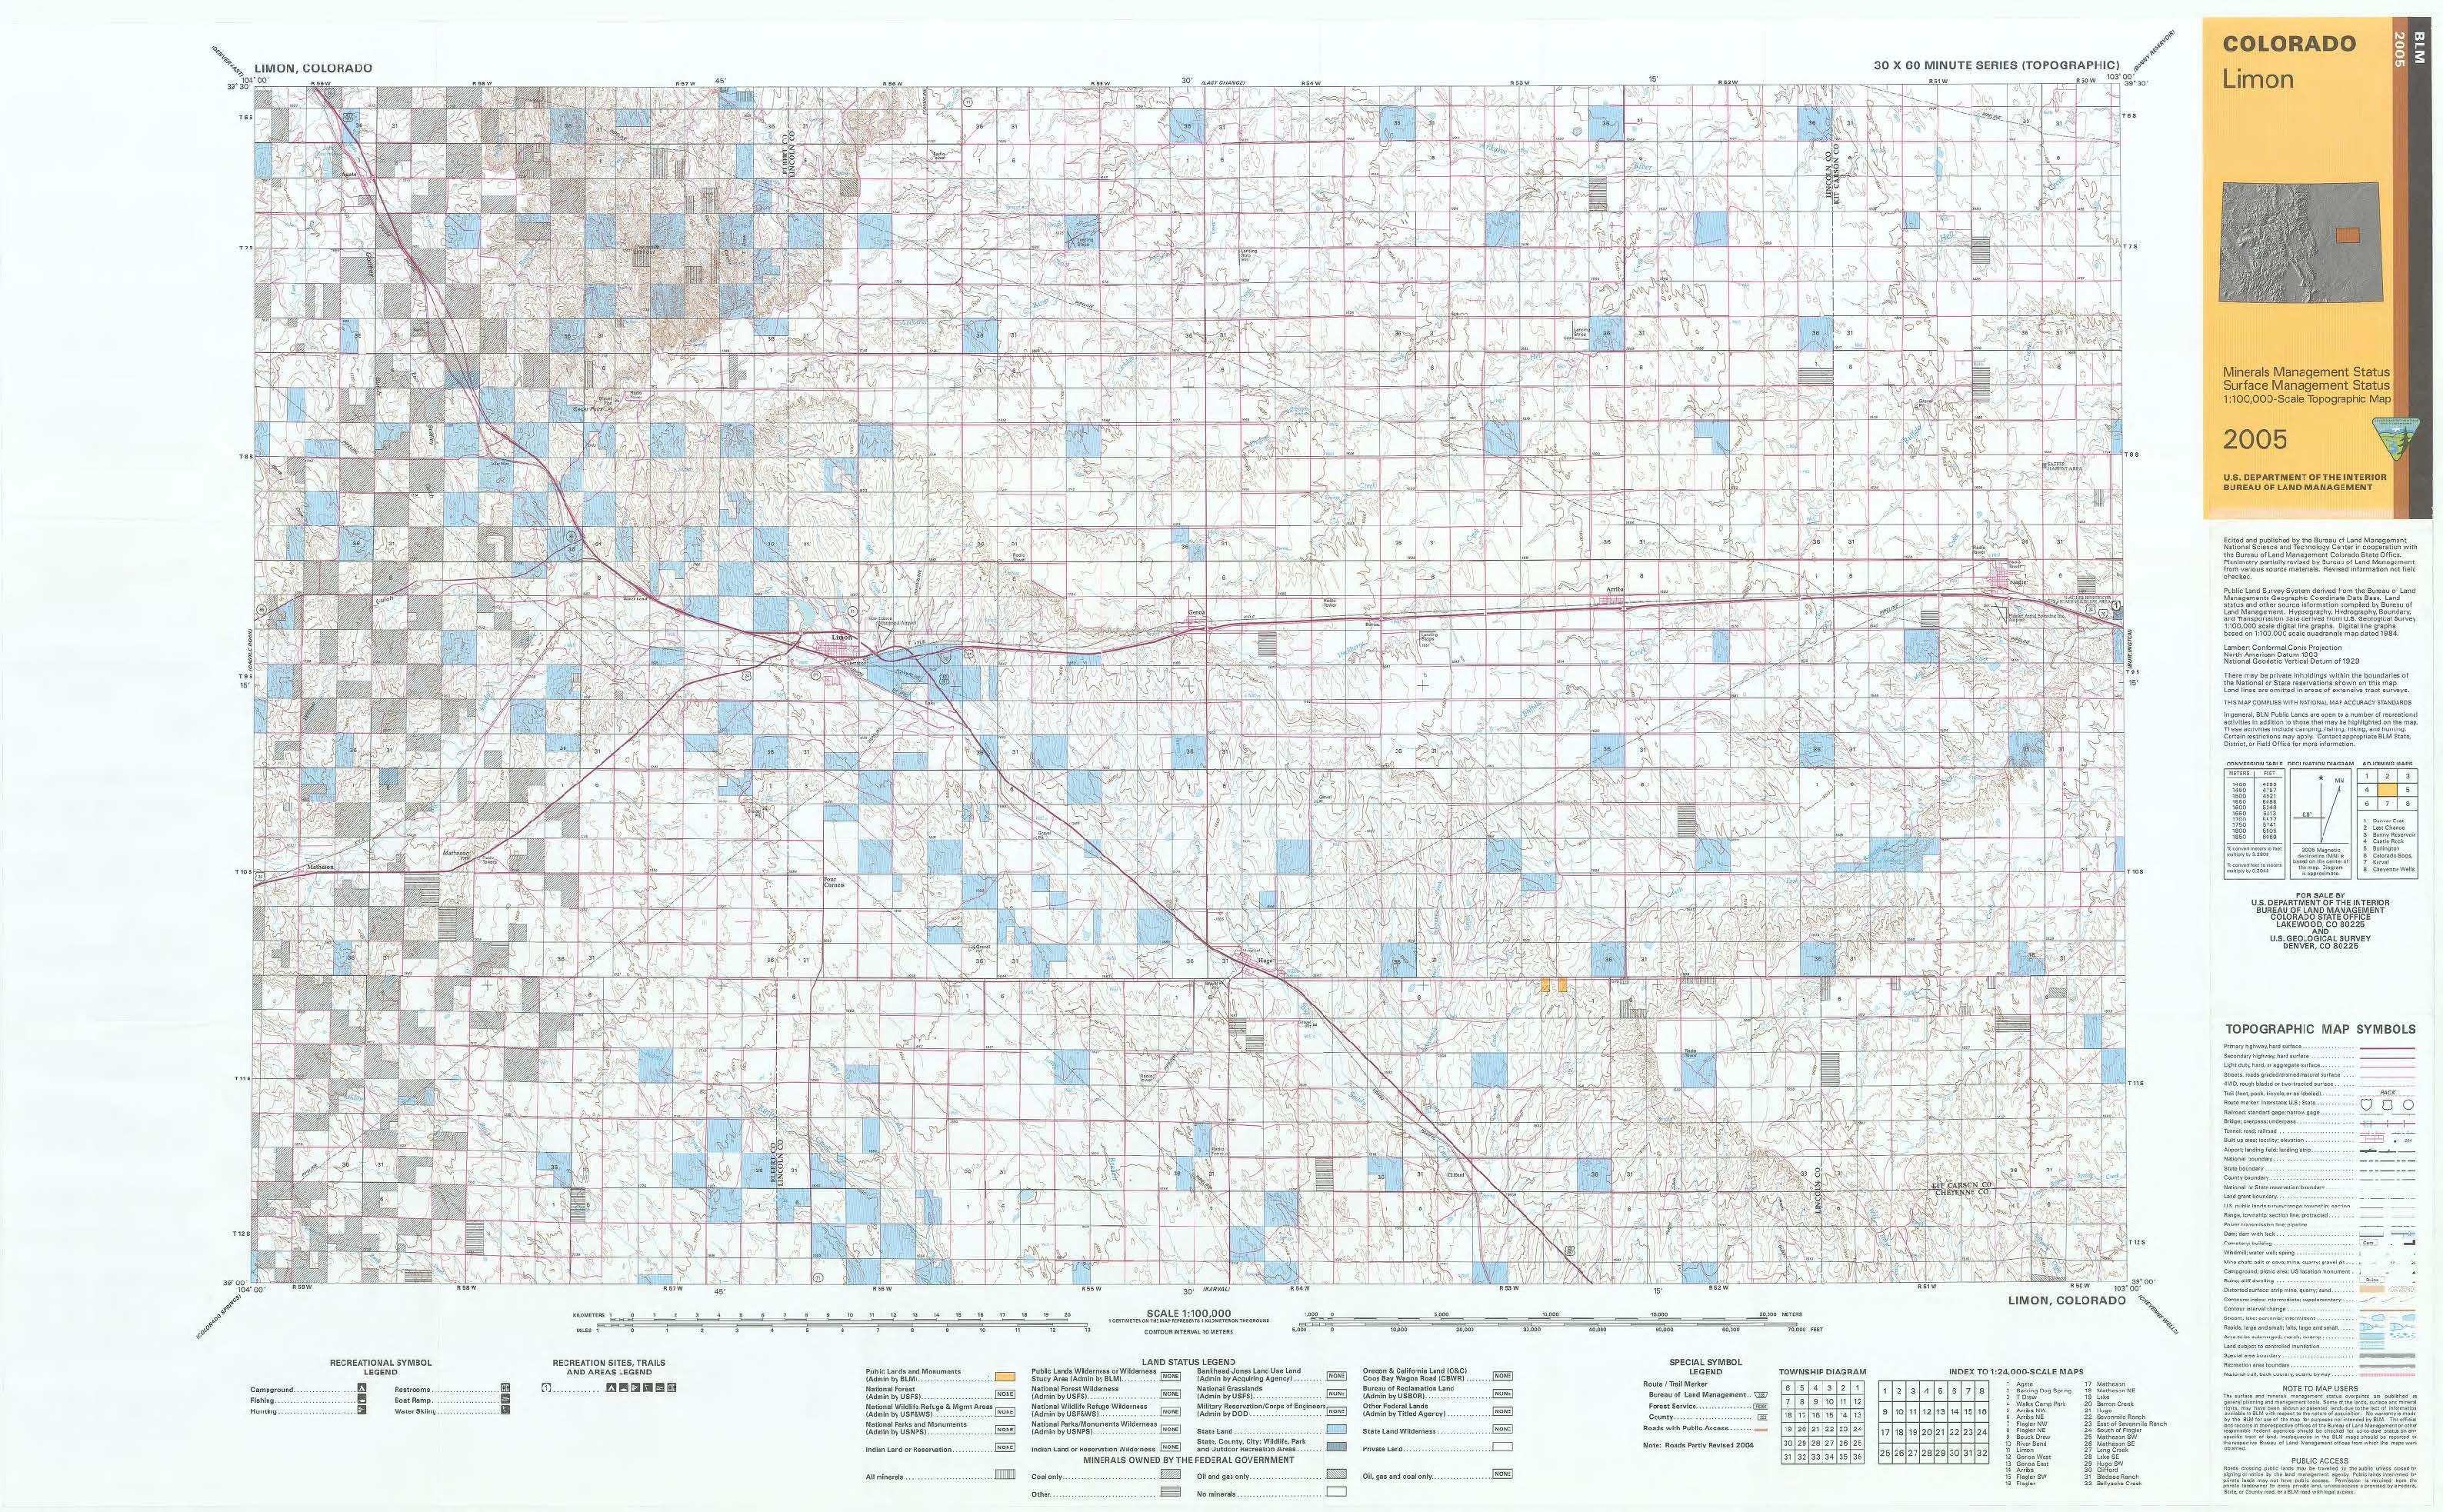 Nw Colorado Map.Co Surface Management Status Limon Map Bureau Of Land Management